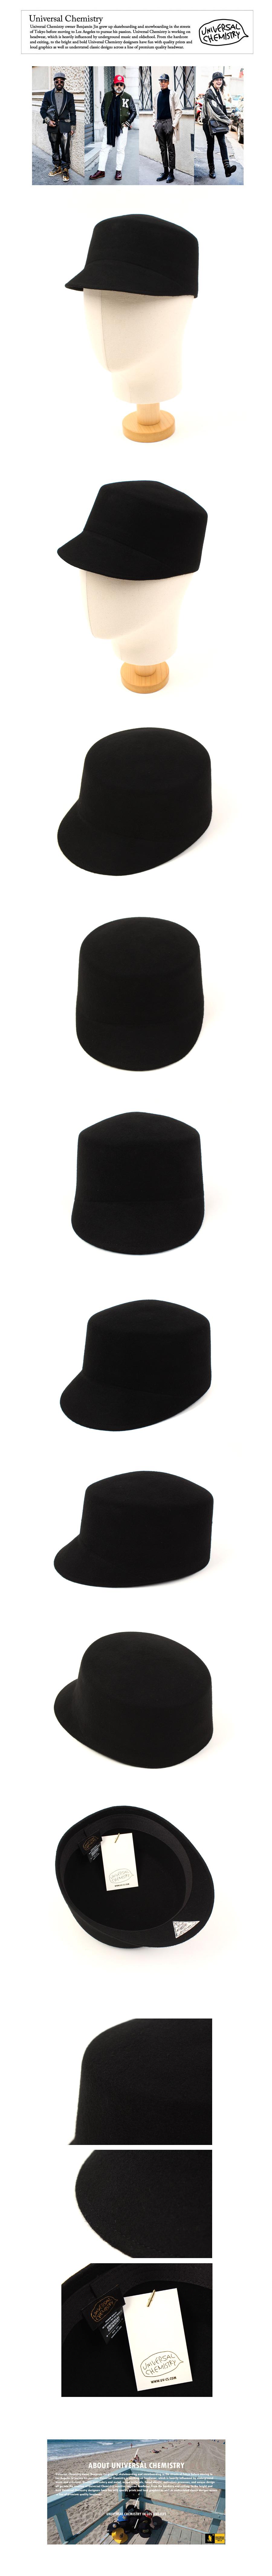 Wool Black Riding Cap 승마모자